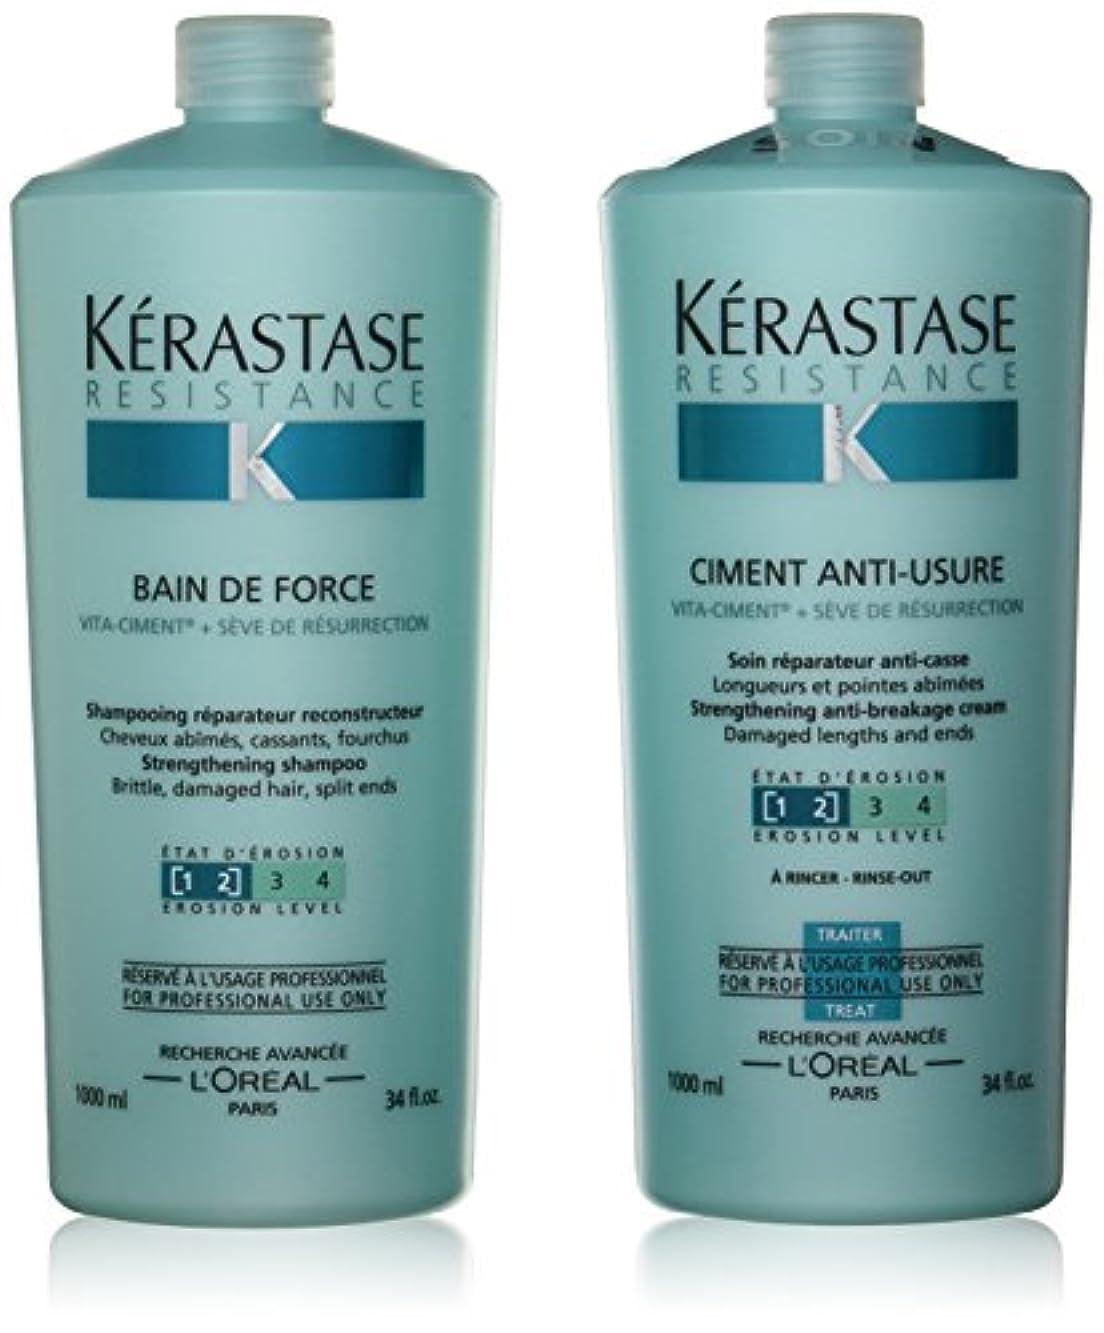 花瓶変化透けて見えるケラスターゼ(KERASTASE) RE(レジスタンス)業務用セット(バンドフォルス、ソワンドフォルス)[並行輸入品]